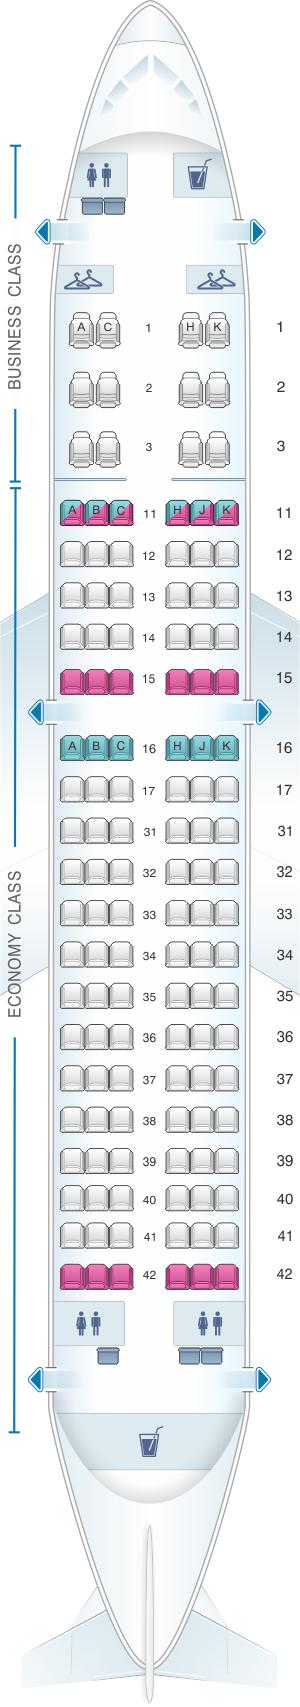 Seat Map Air Astana Airbus A319 132 | SeatMaestro